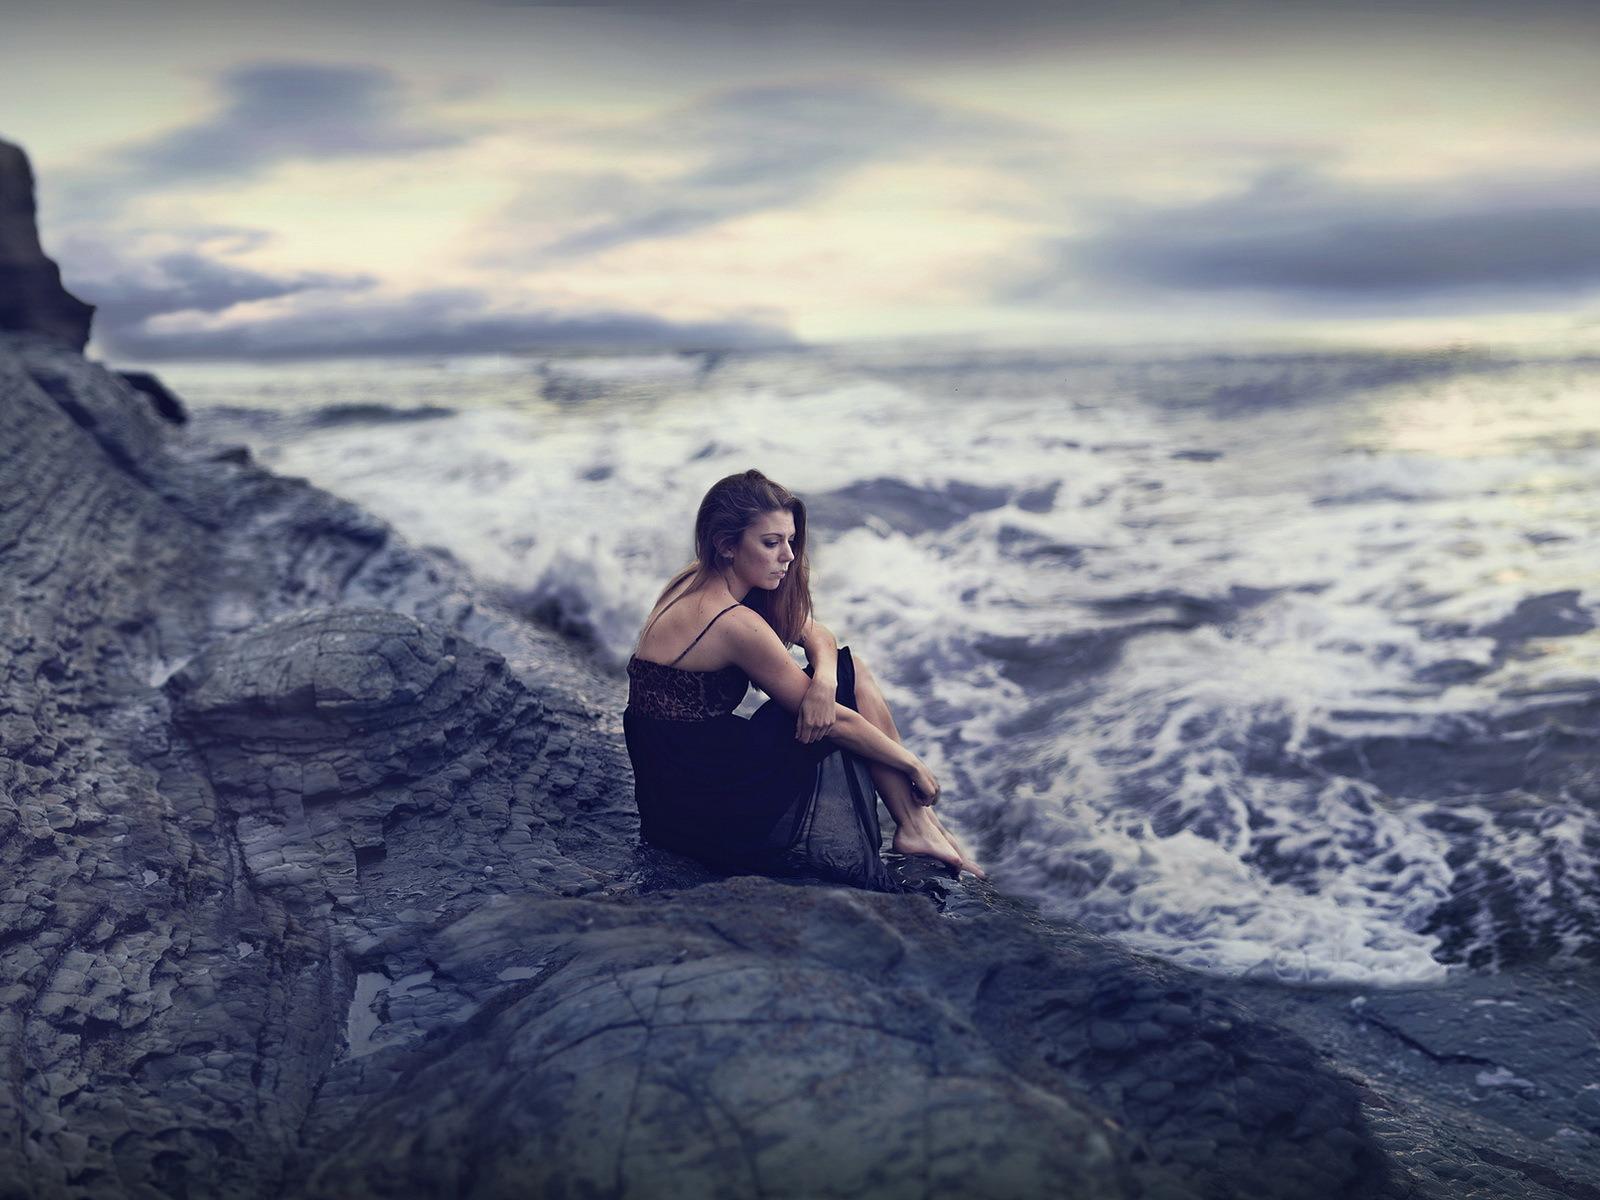 Симптомы депрессии у женщин, как выйти самостоятельно из нее в 30 лет